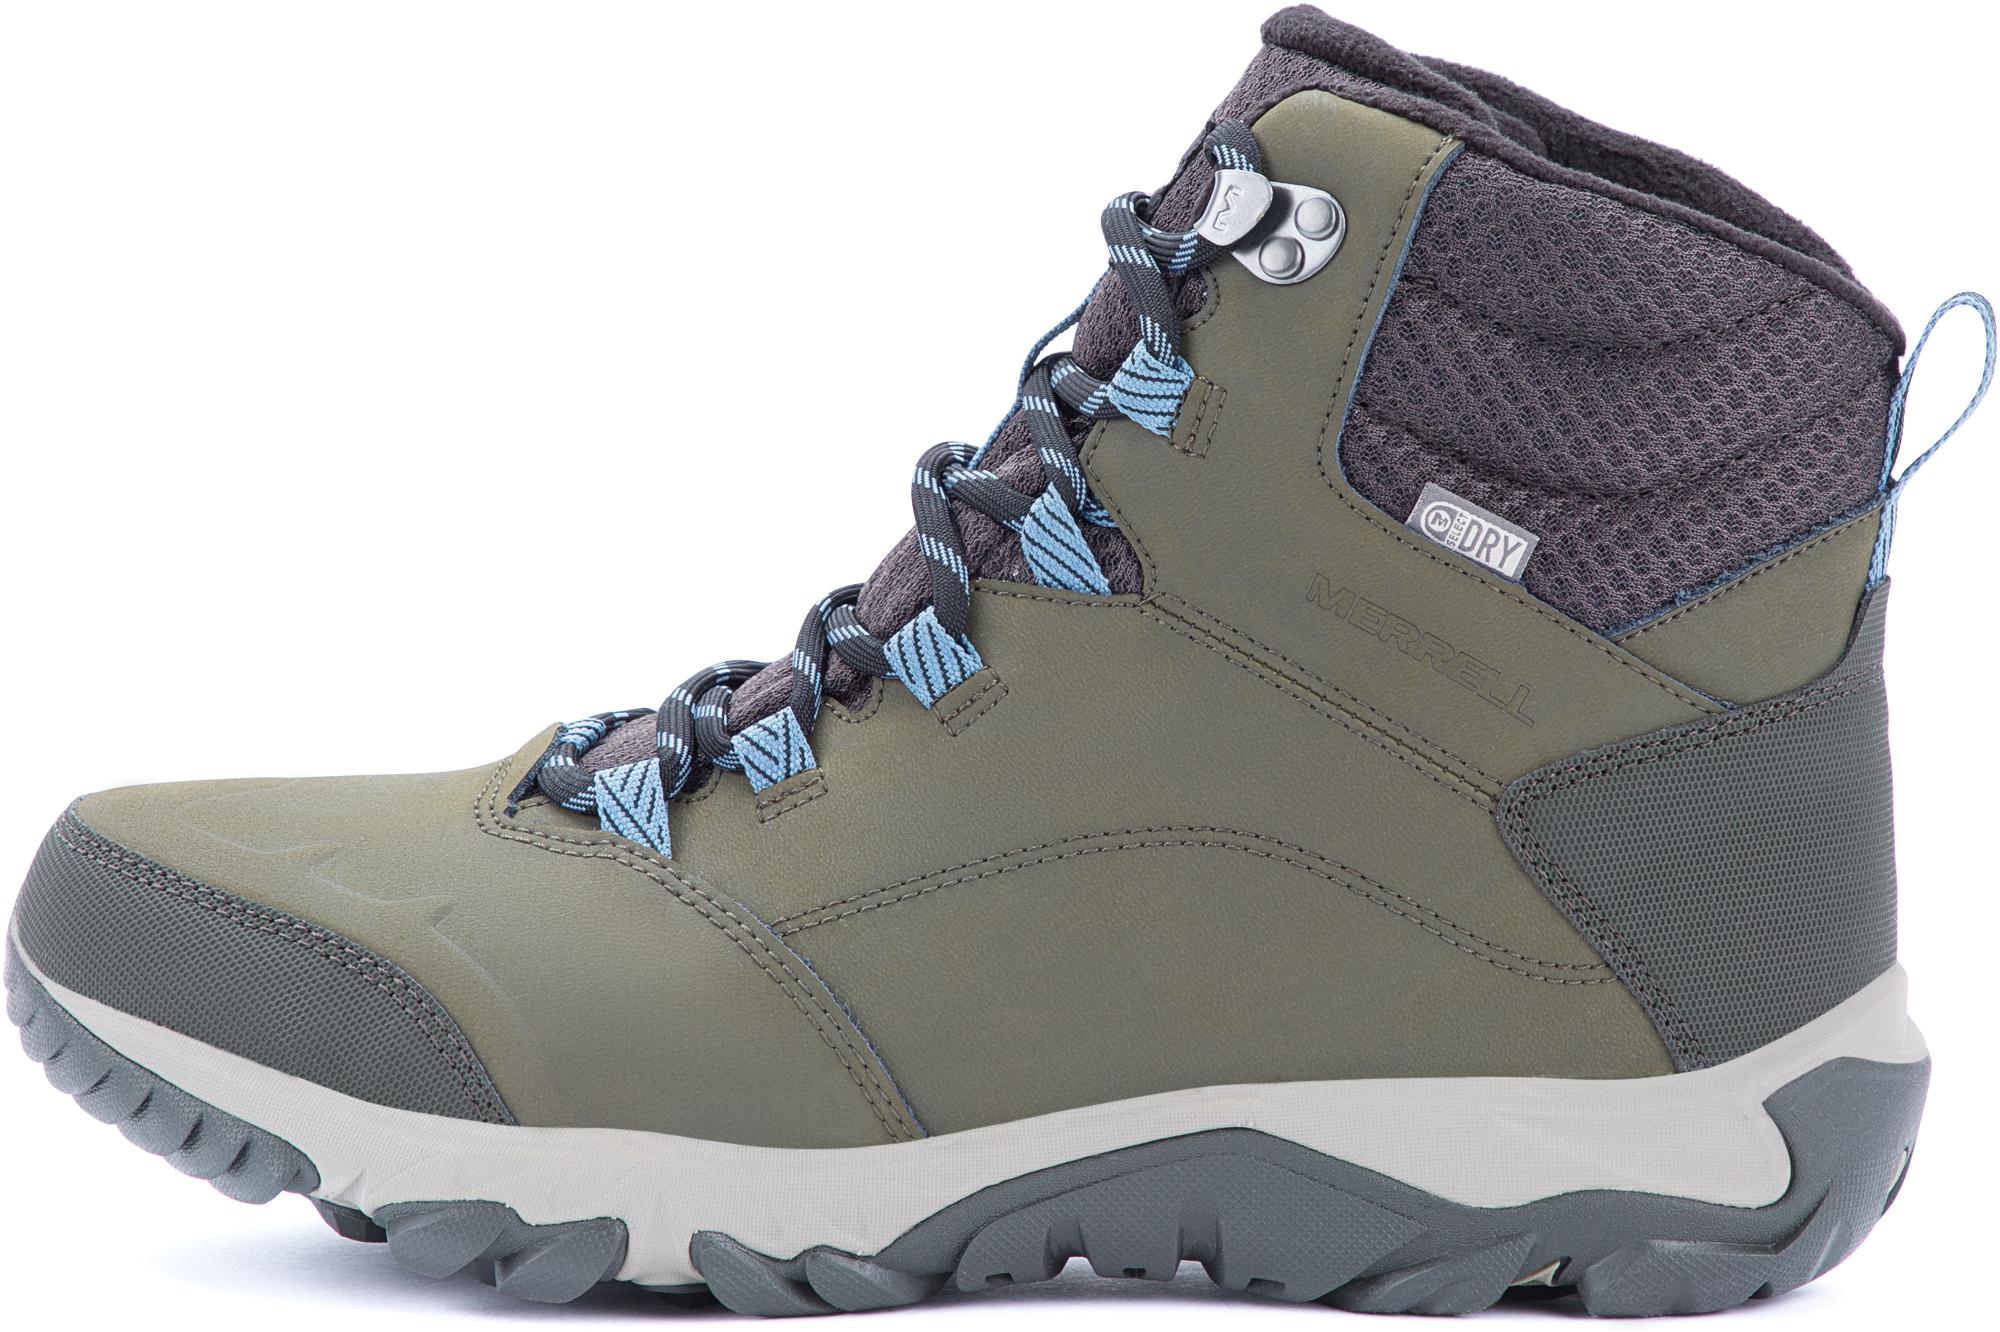 Merrell Ботинки утепленные мужские Thermo Fractal WP, размер 45